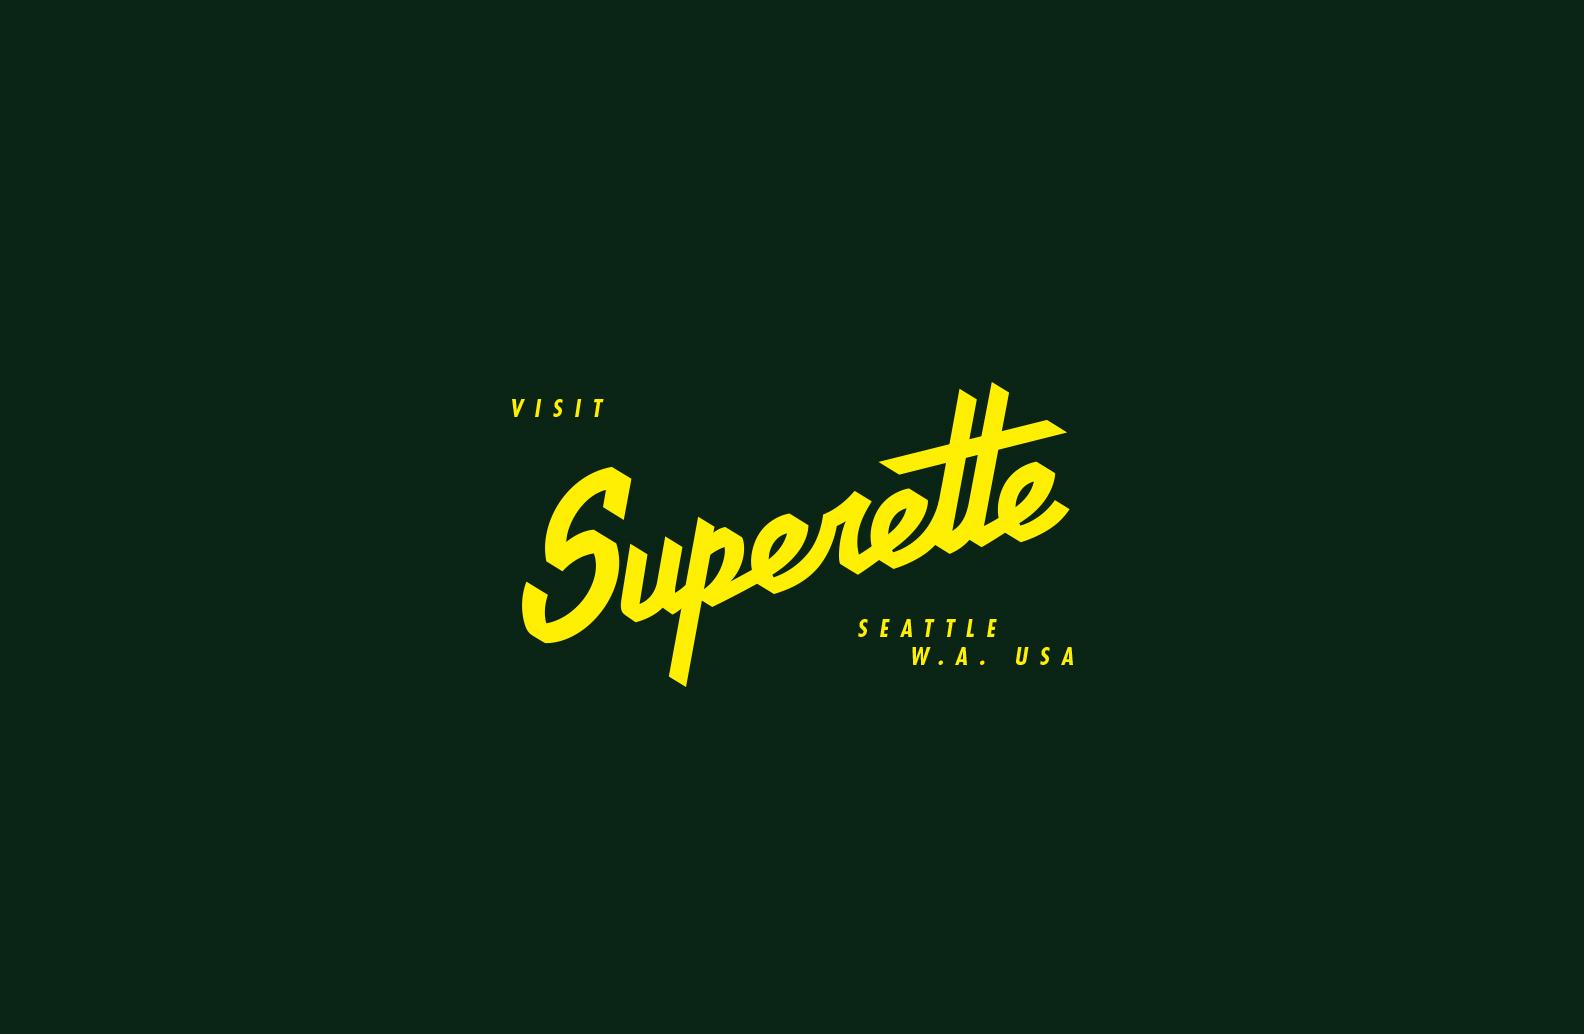 Superette-_Backgrounds_logo.jpg